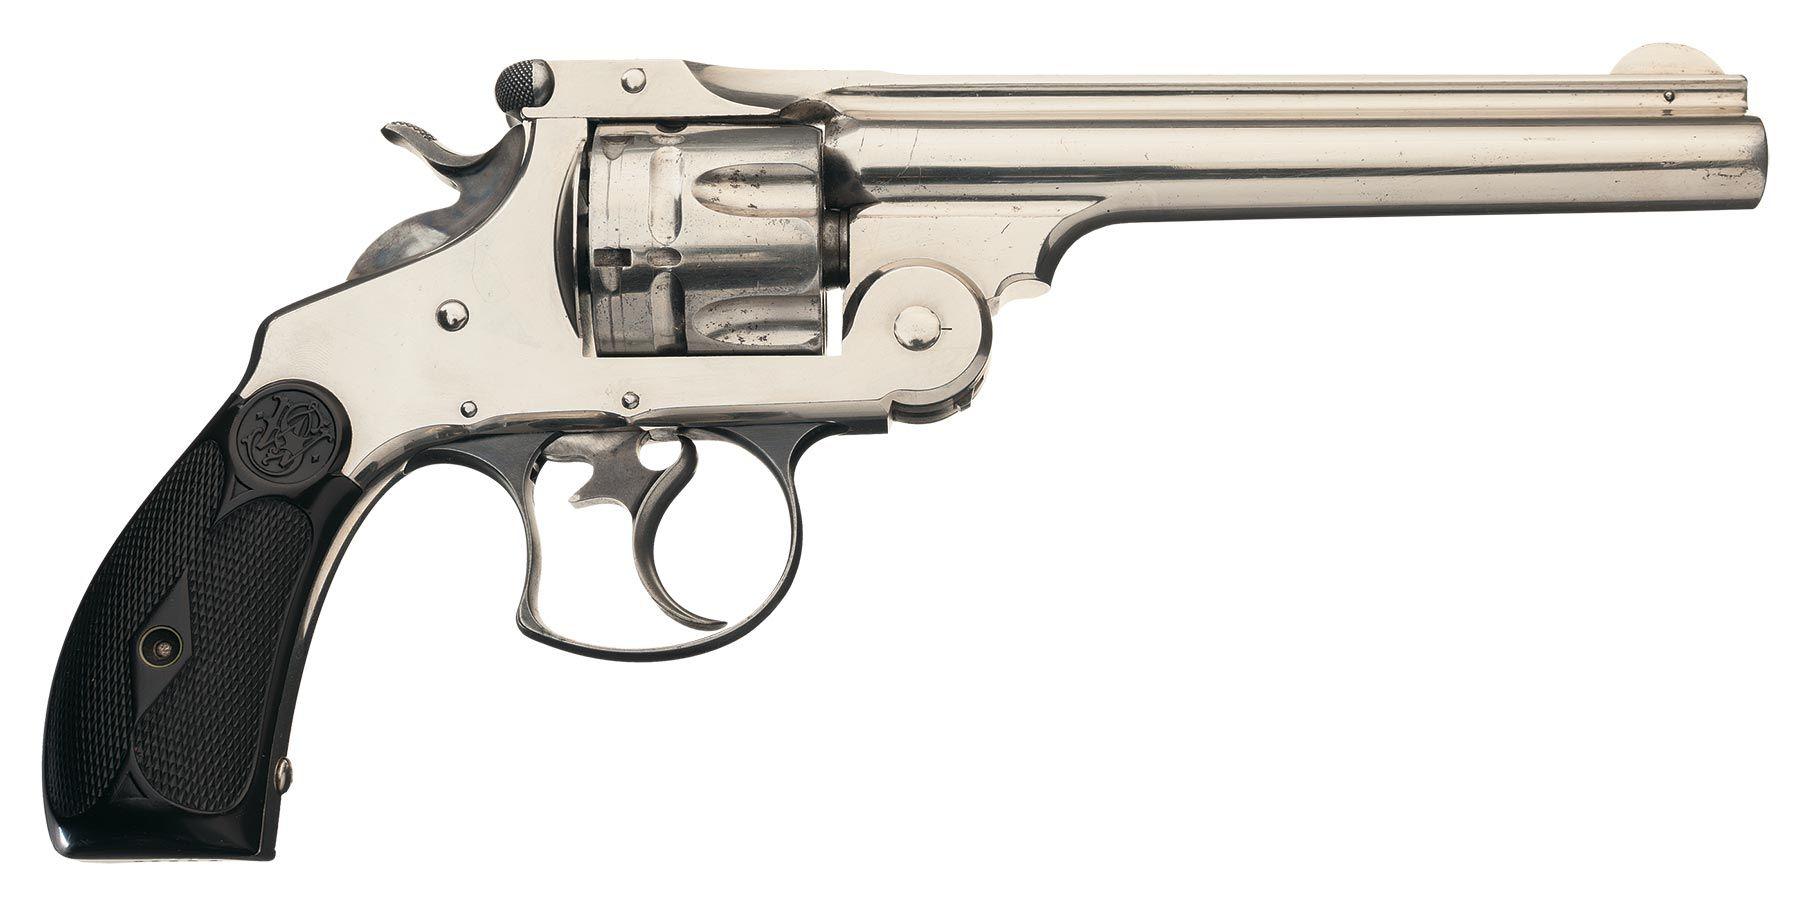 Smith & Wesson 44 DA Revolver 44 Russian   Firearms 1850-1920   Hand